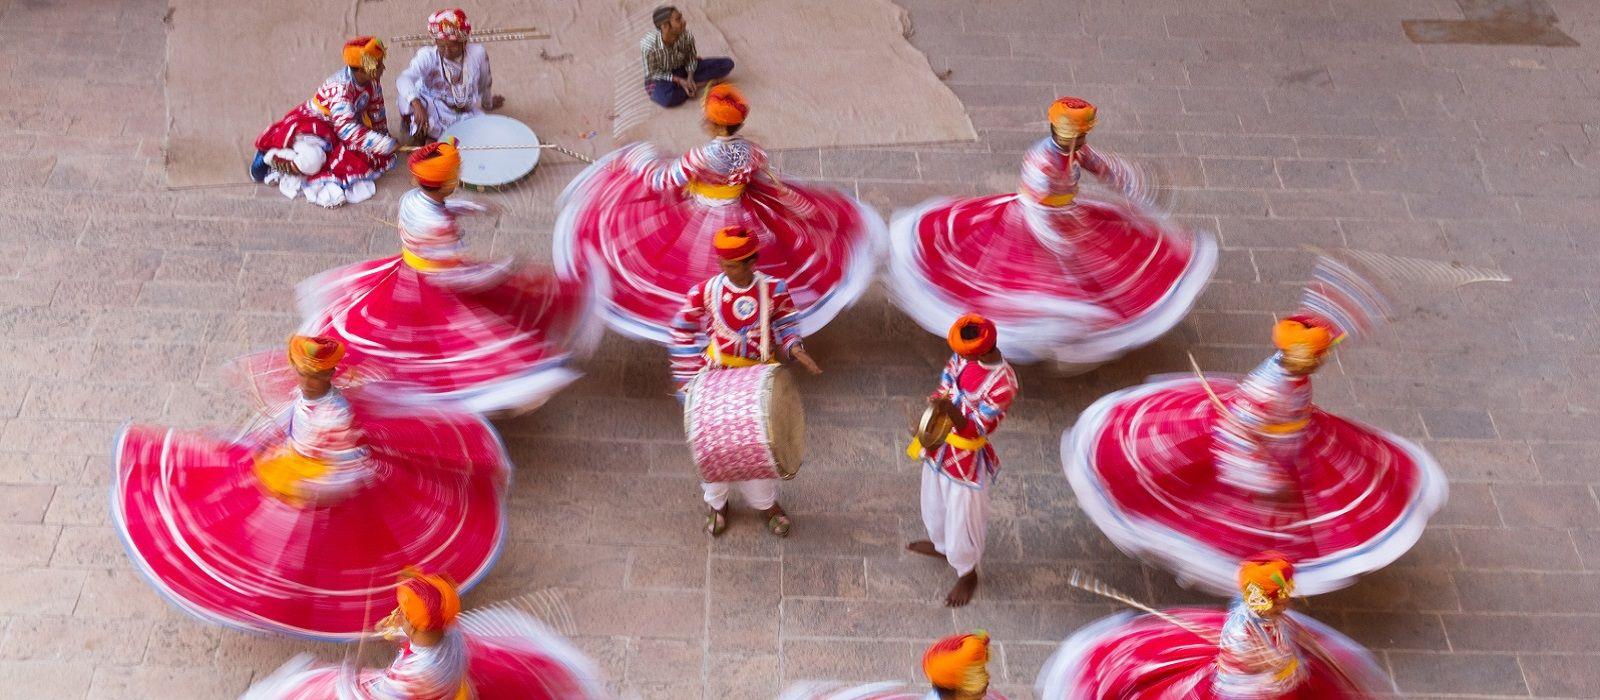 Oberoi Sommerangebot: Royales Rajasthan Urlaub 4